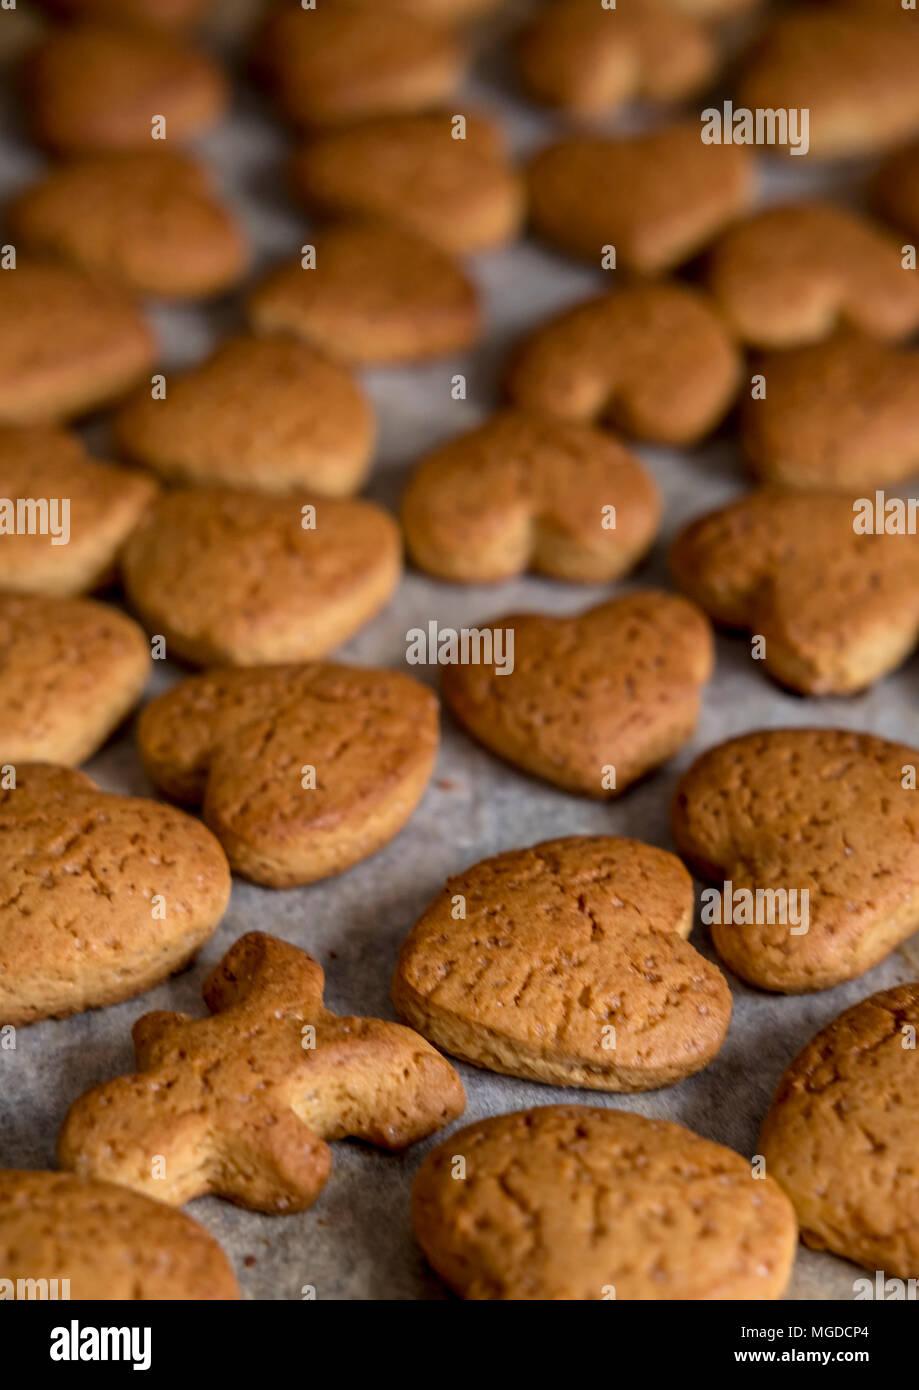 Polish Christmas Cookies.Polish Christmas Biscuits Stock Photo 182233580 Alamy